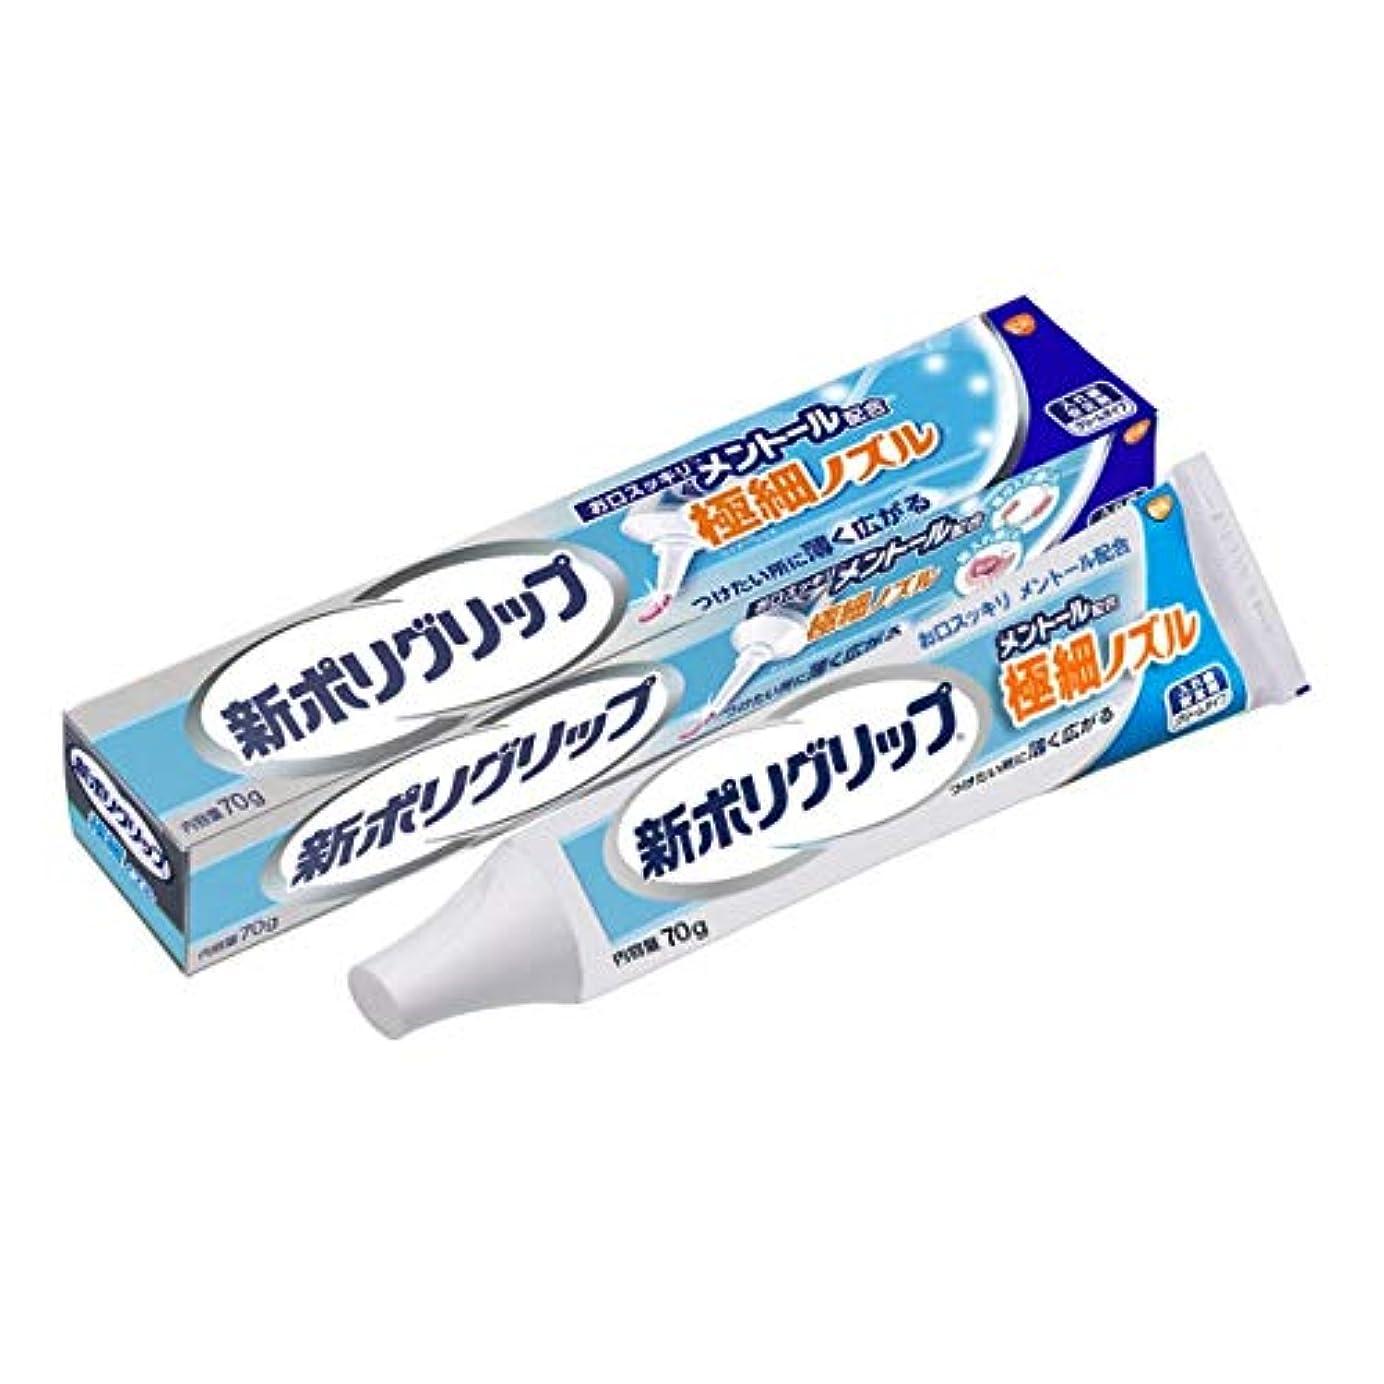 言い訳葉巻建築部分?総入れ歯安定剤 新ポリグリップ極細ノズル メントール 70g